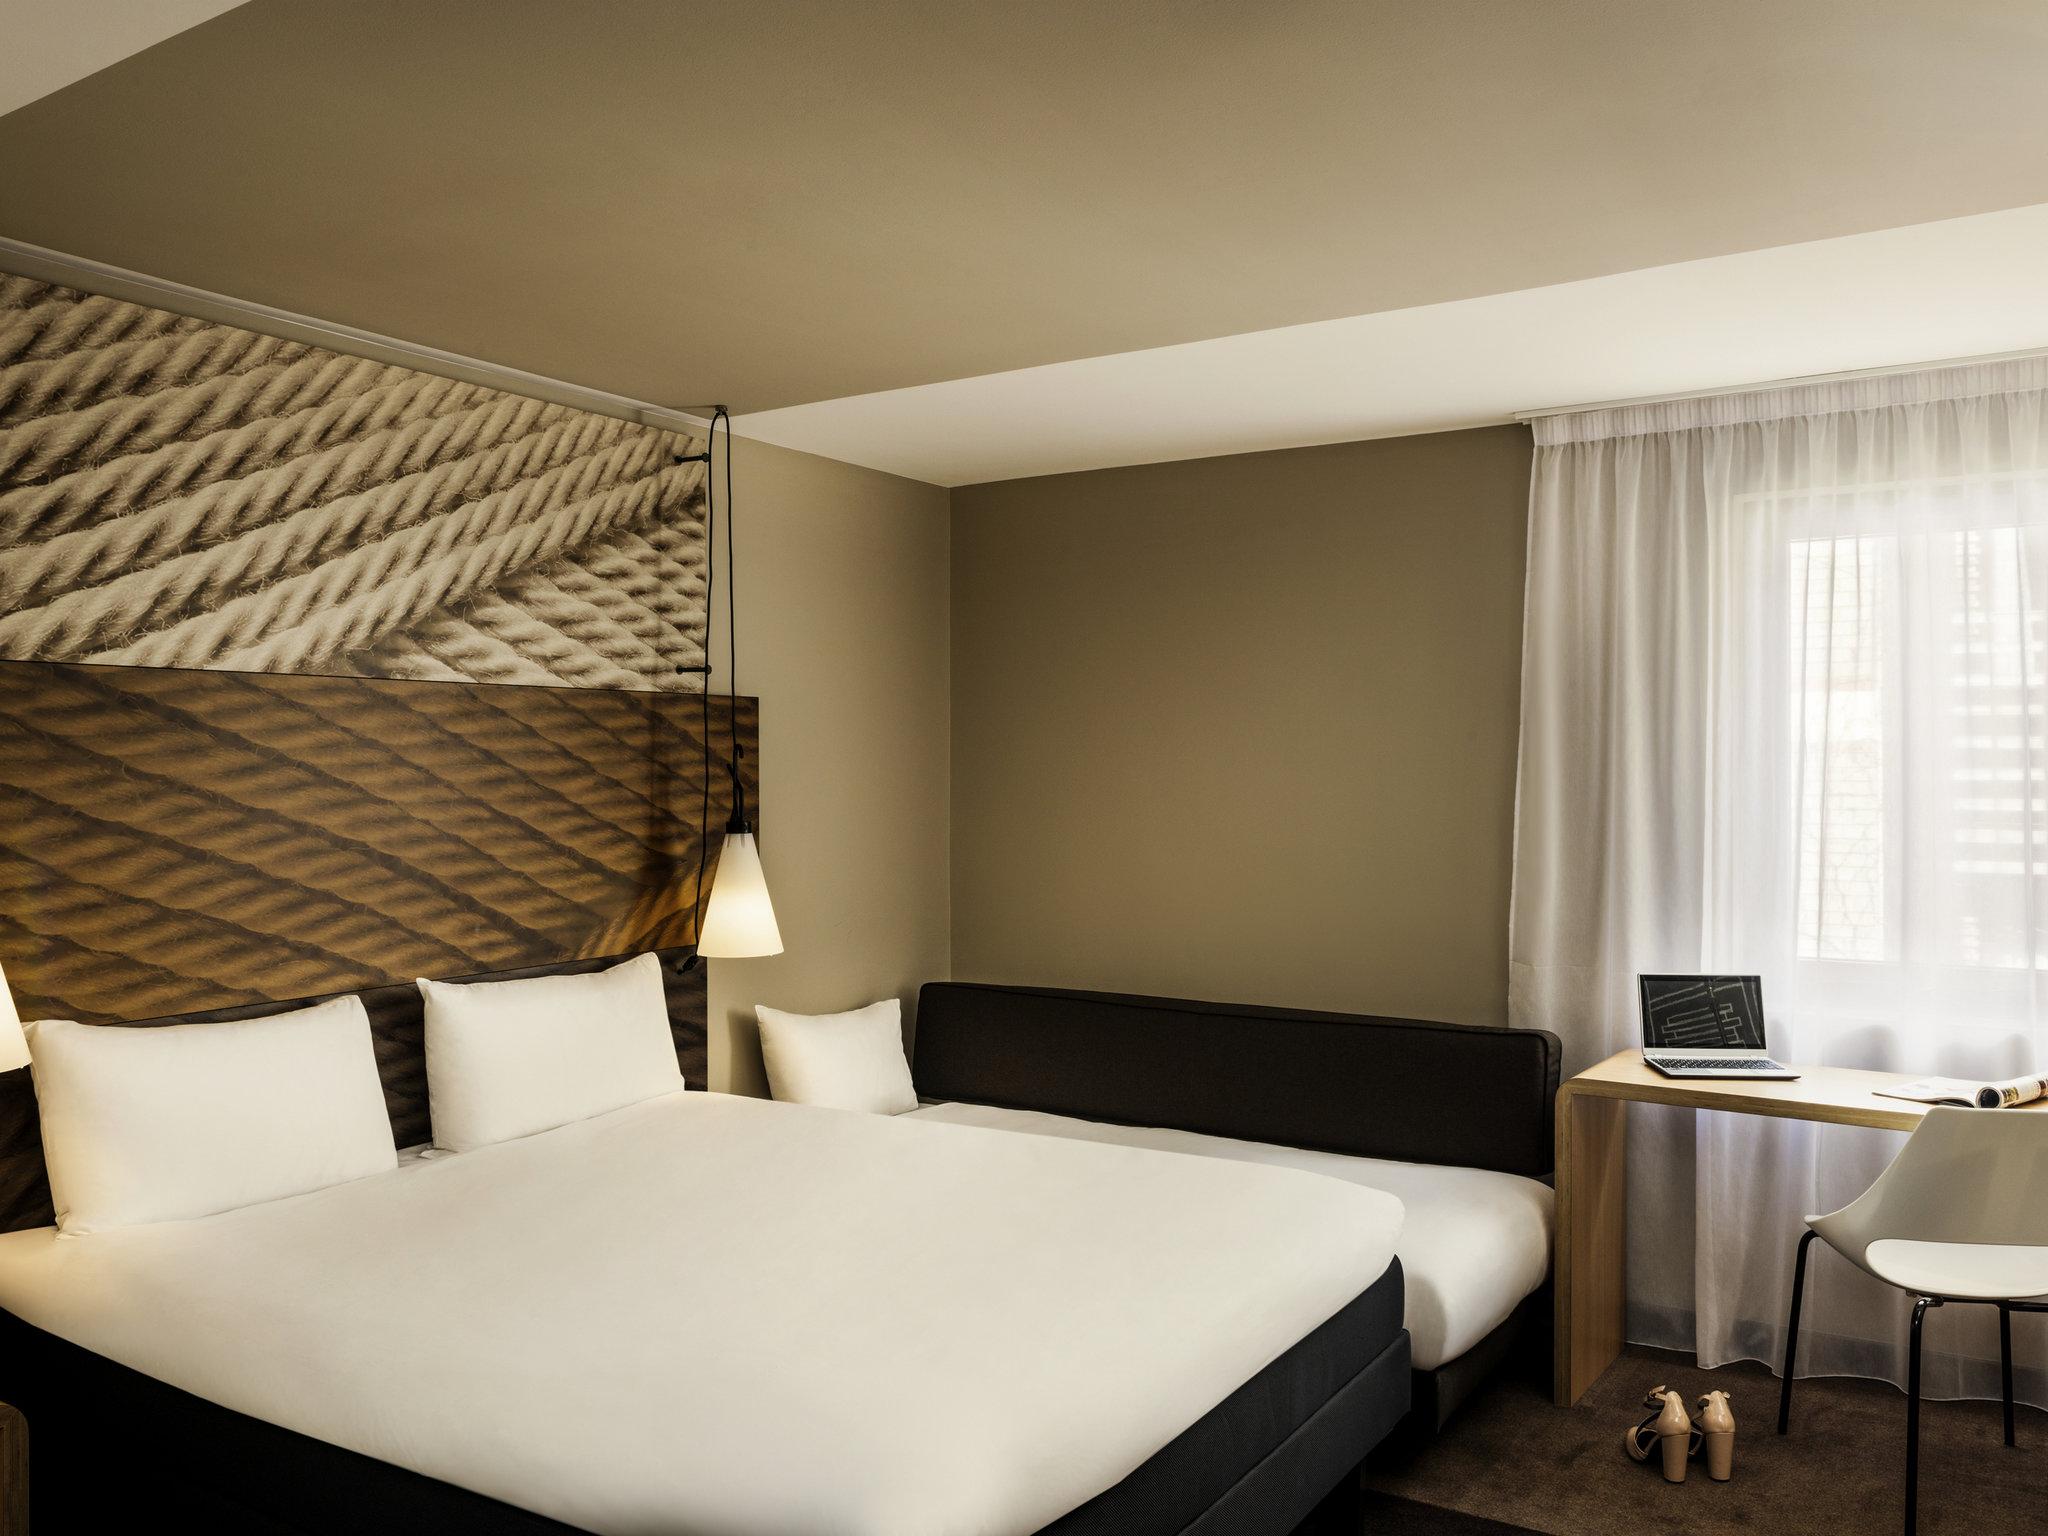 酒店 – 宜必思巴黎意大利广场 13ème 酒店